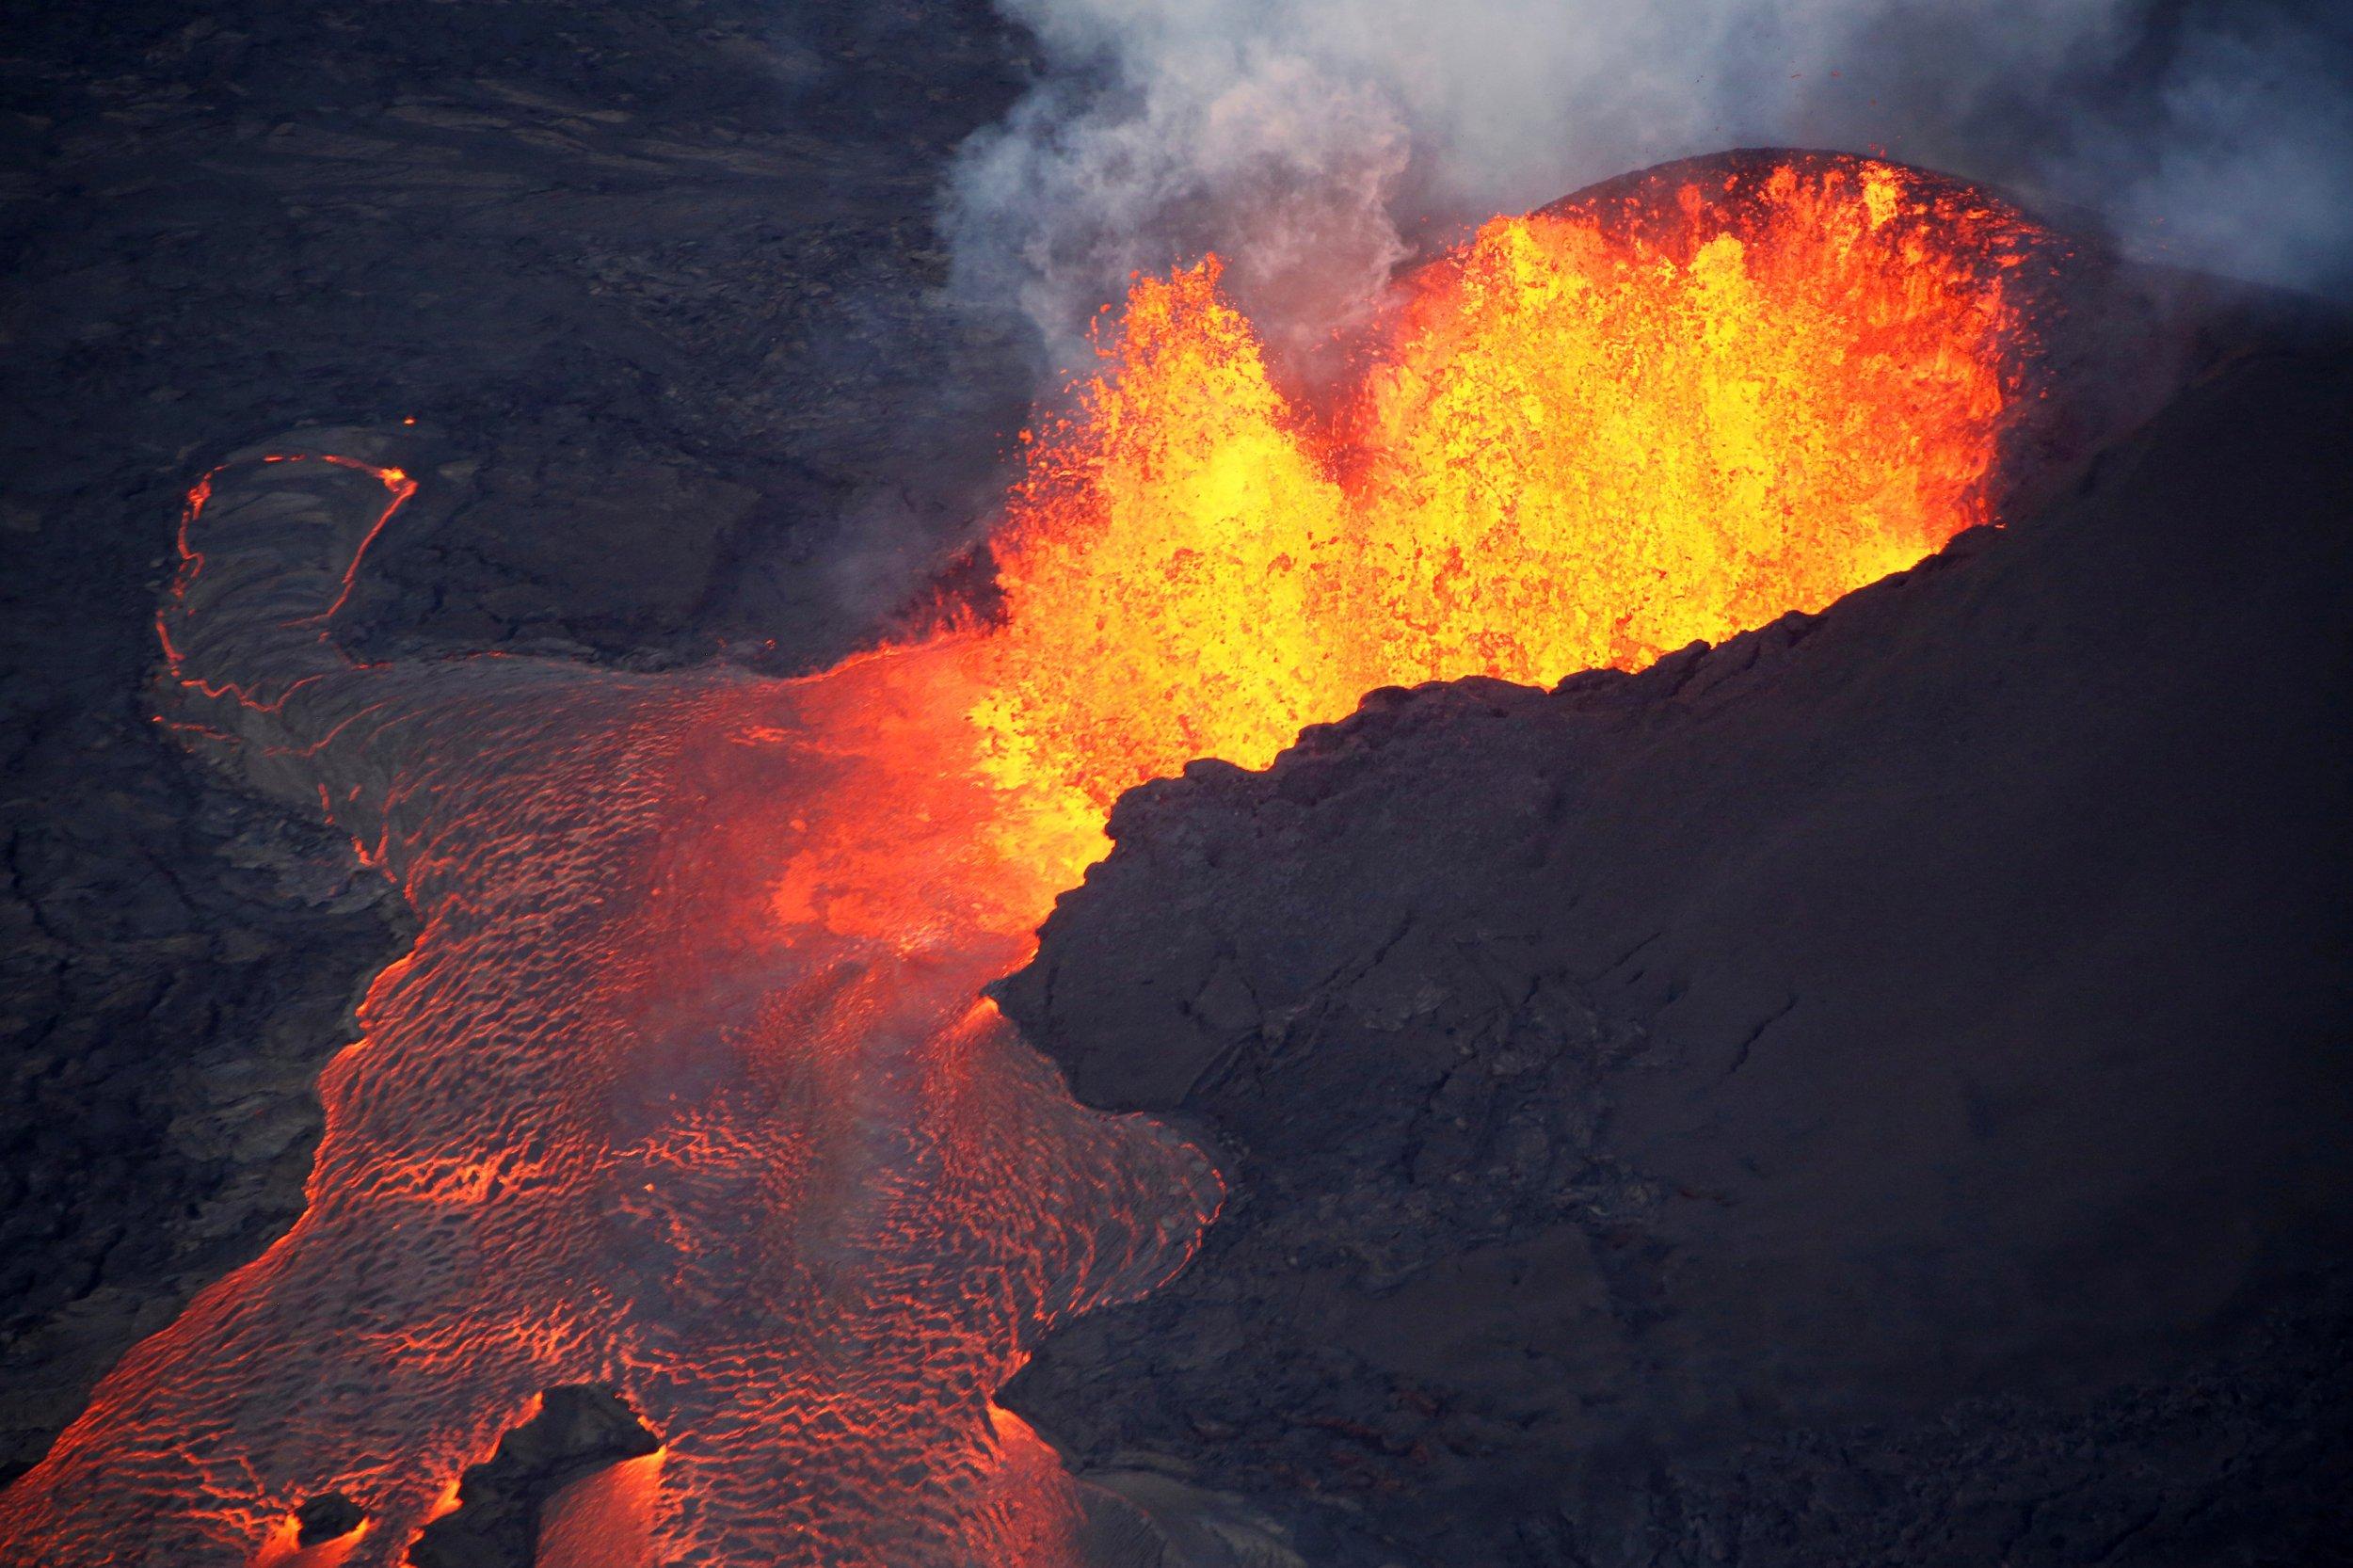 06_11_kilauea_volcanic_activity